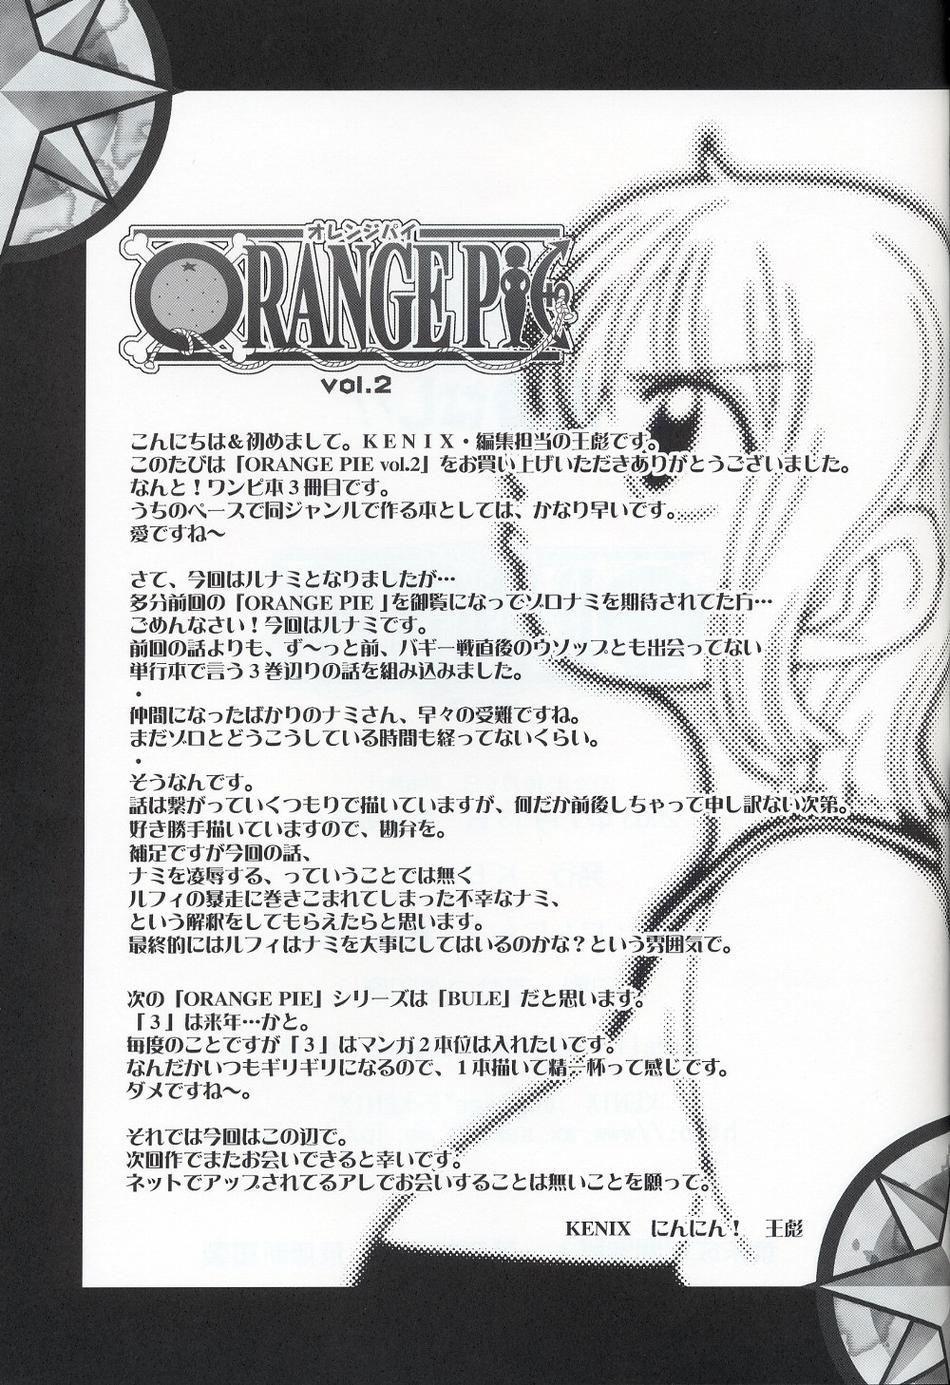 ORANGE PIE Vol.2 30